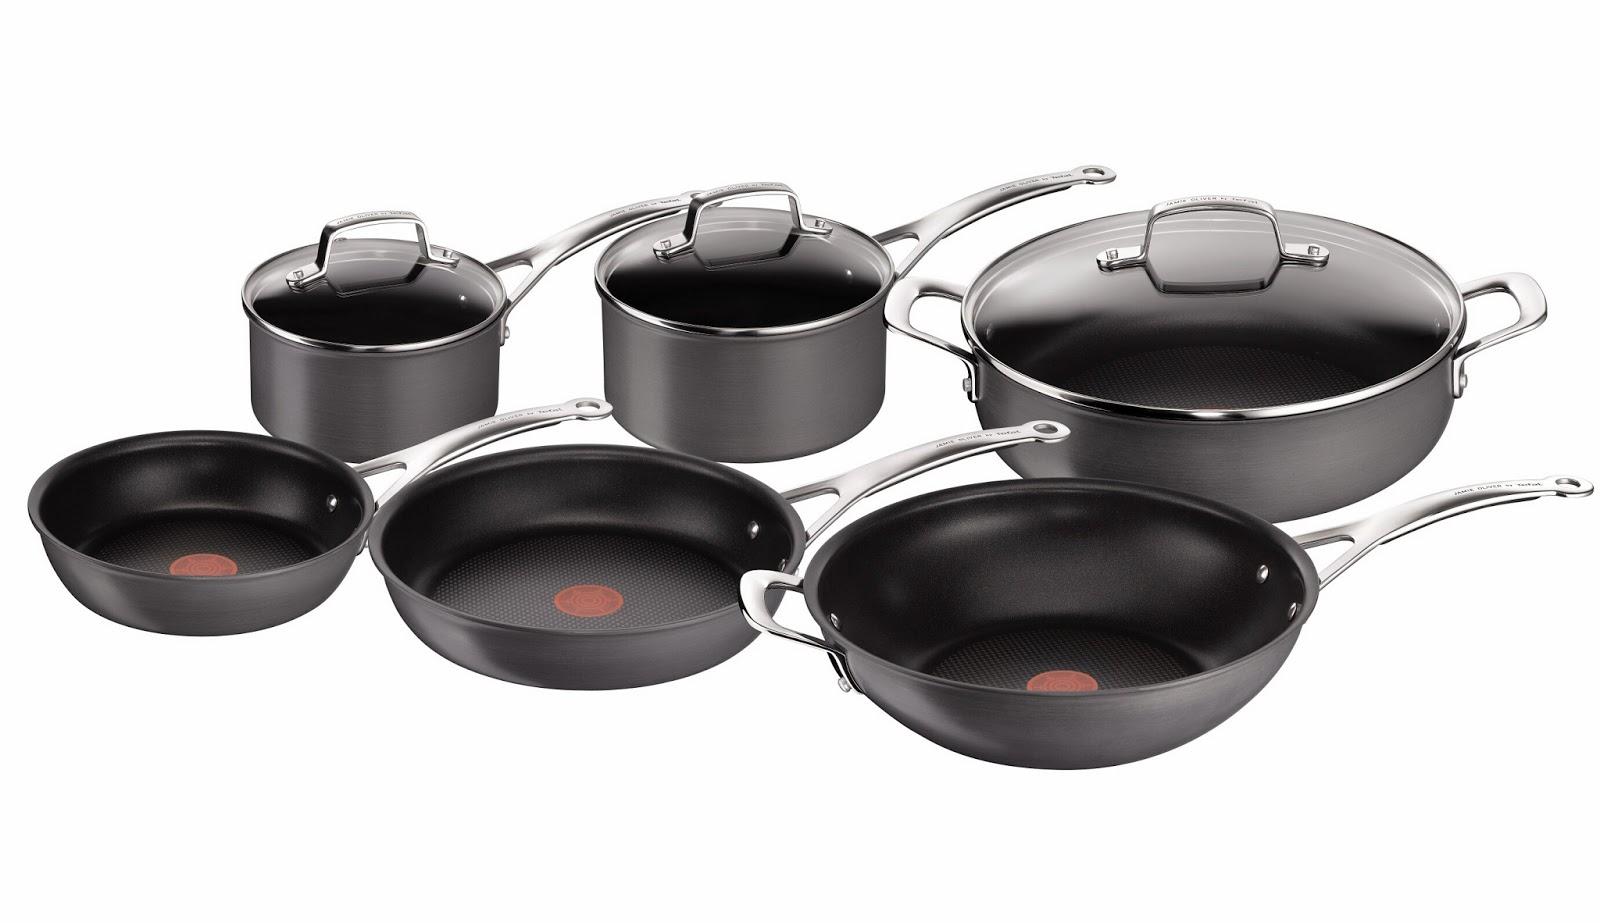 cheap kitchen utensils remodel las vegas metal cooking